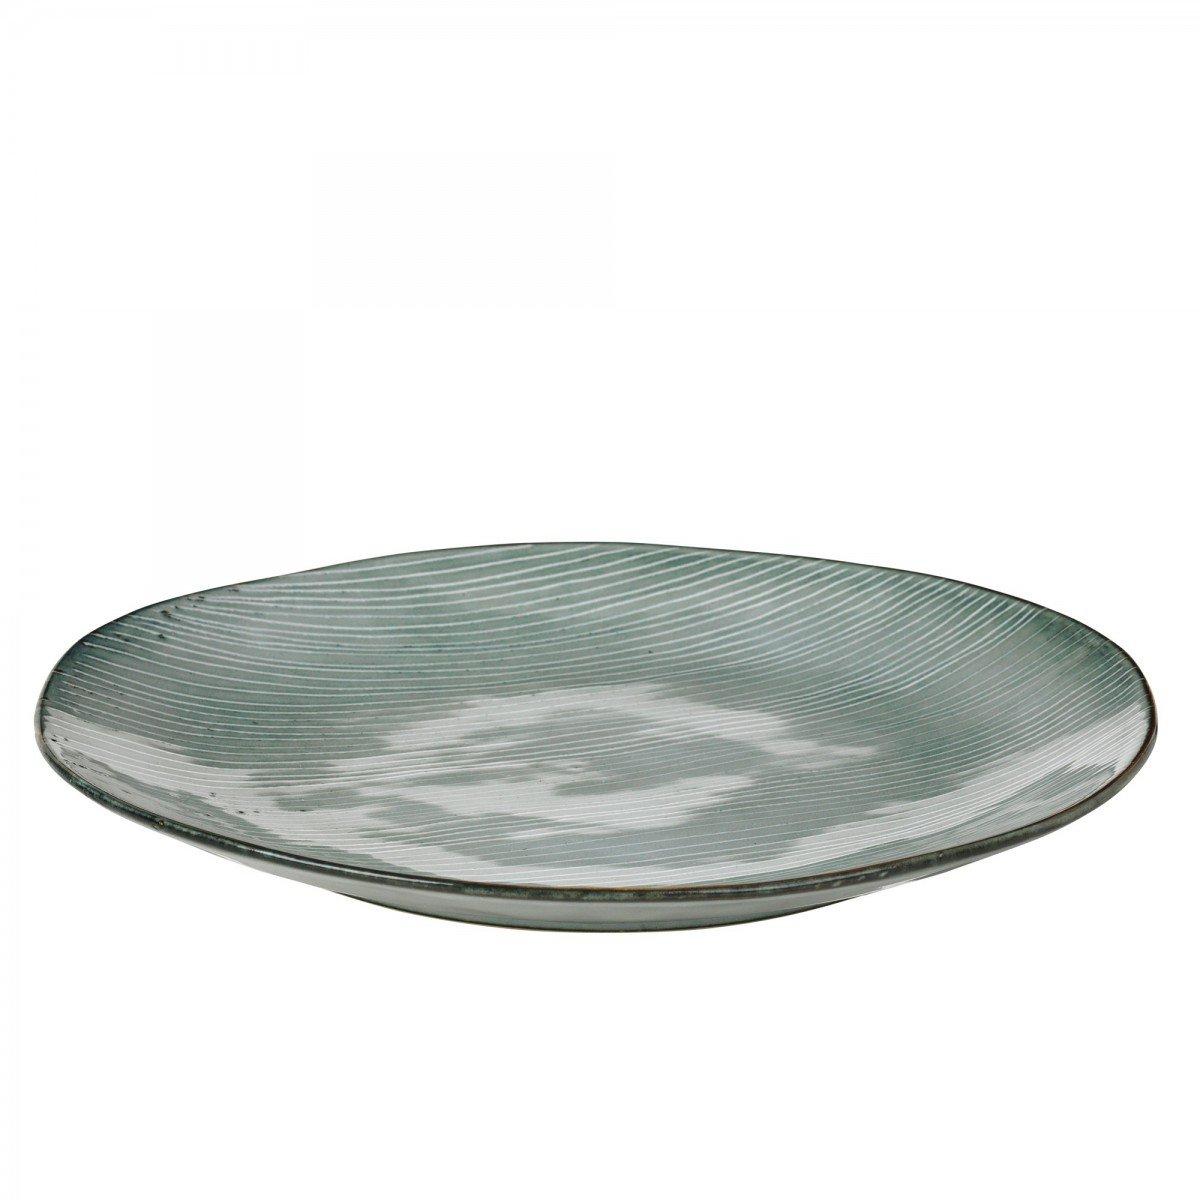 Grande piatto broste Copenhagen - NORDIC SEA - 31 cm